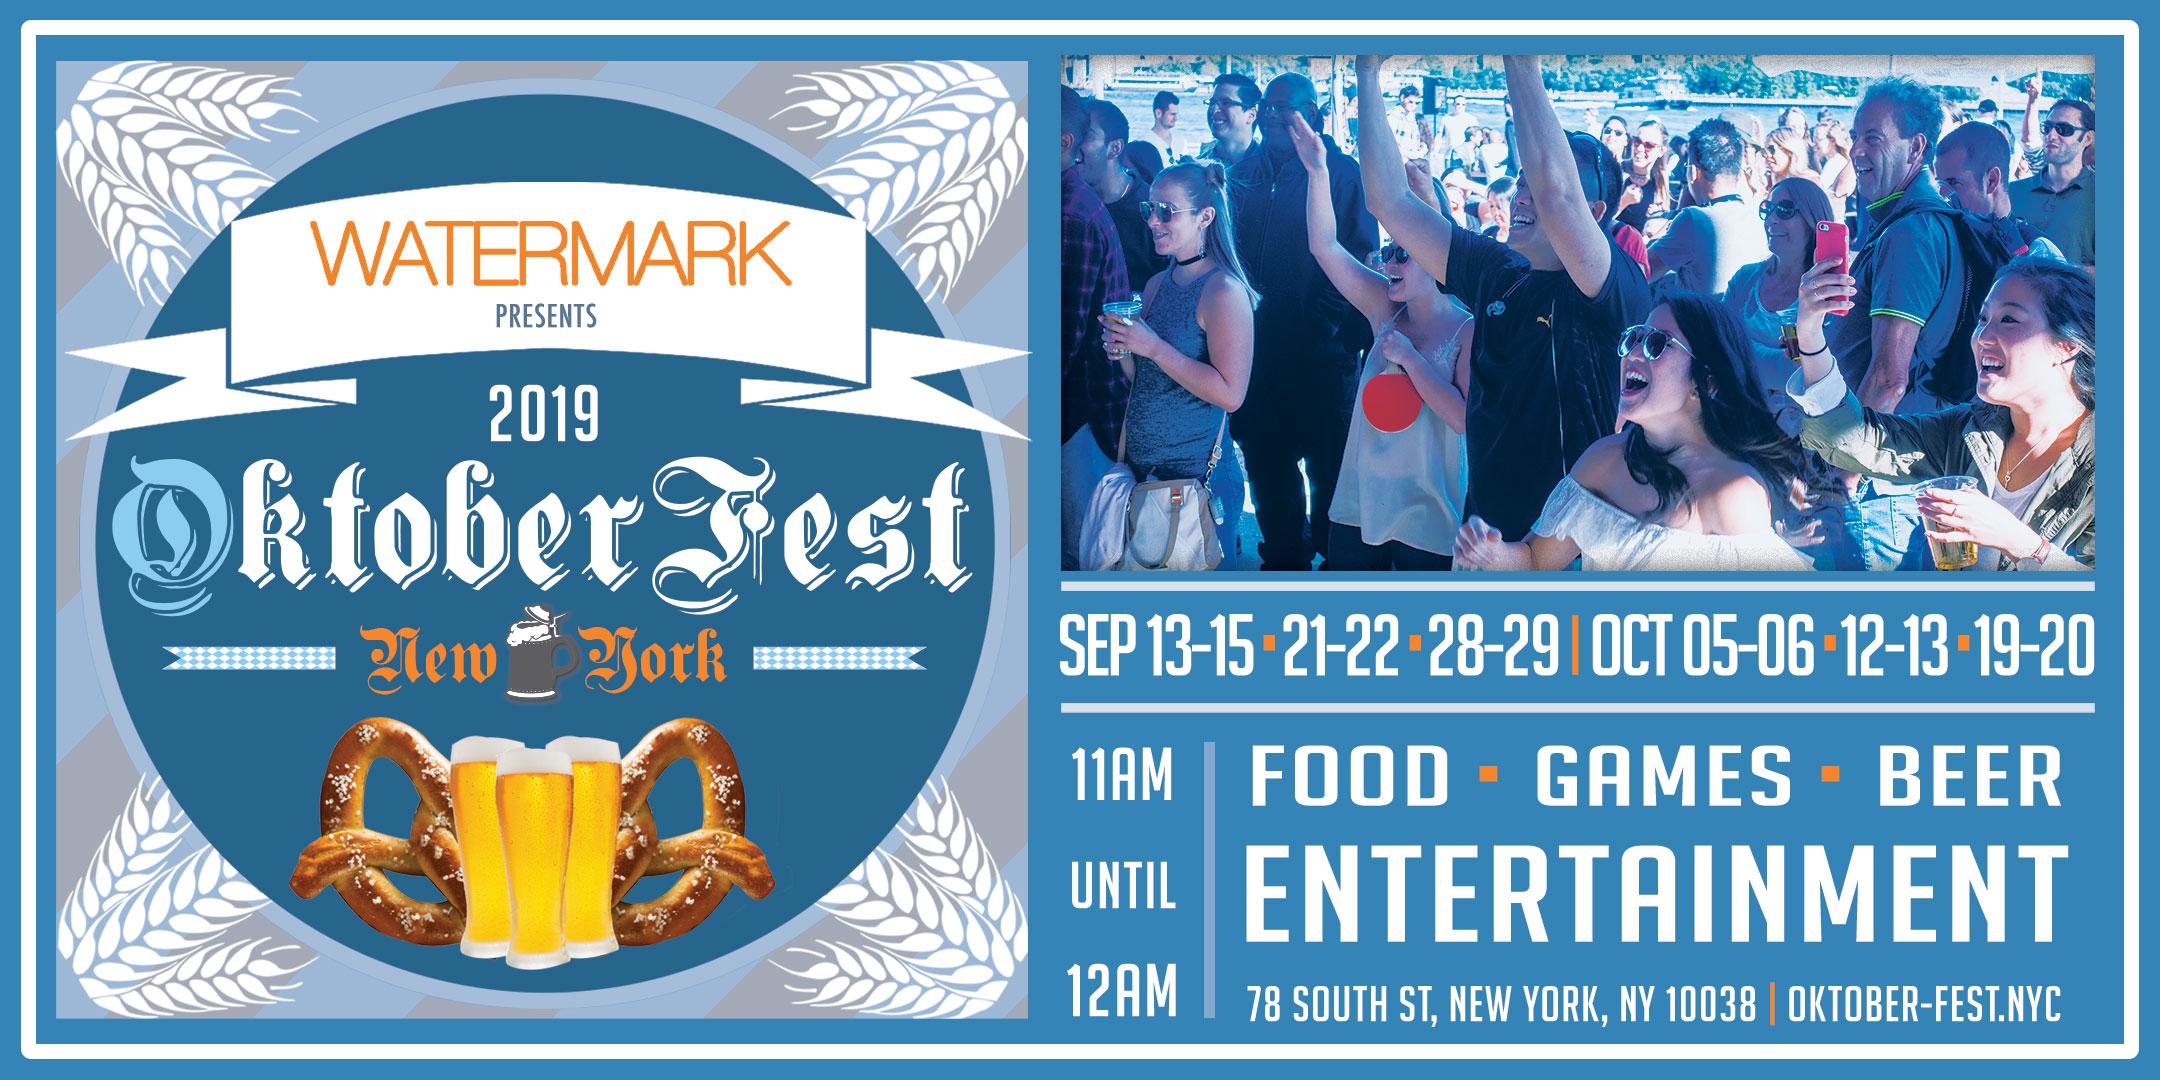 OktoberFest 2019 NYC at Watermark